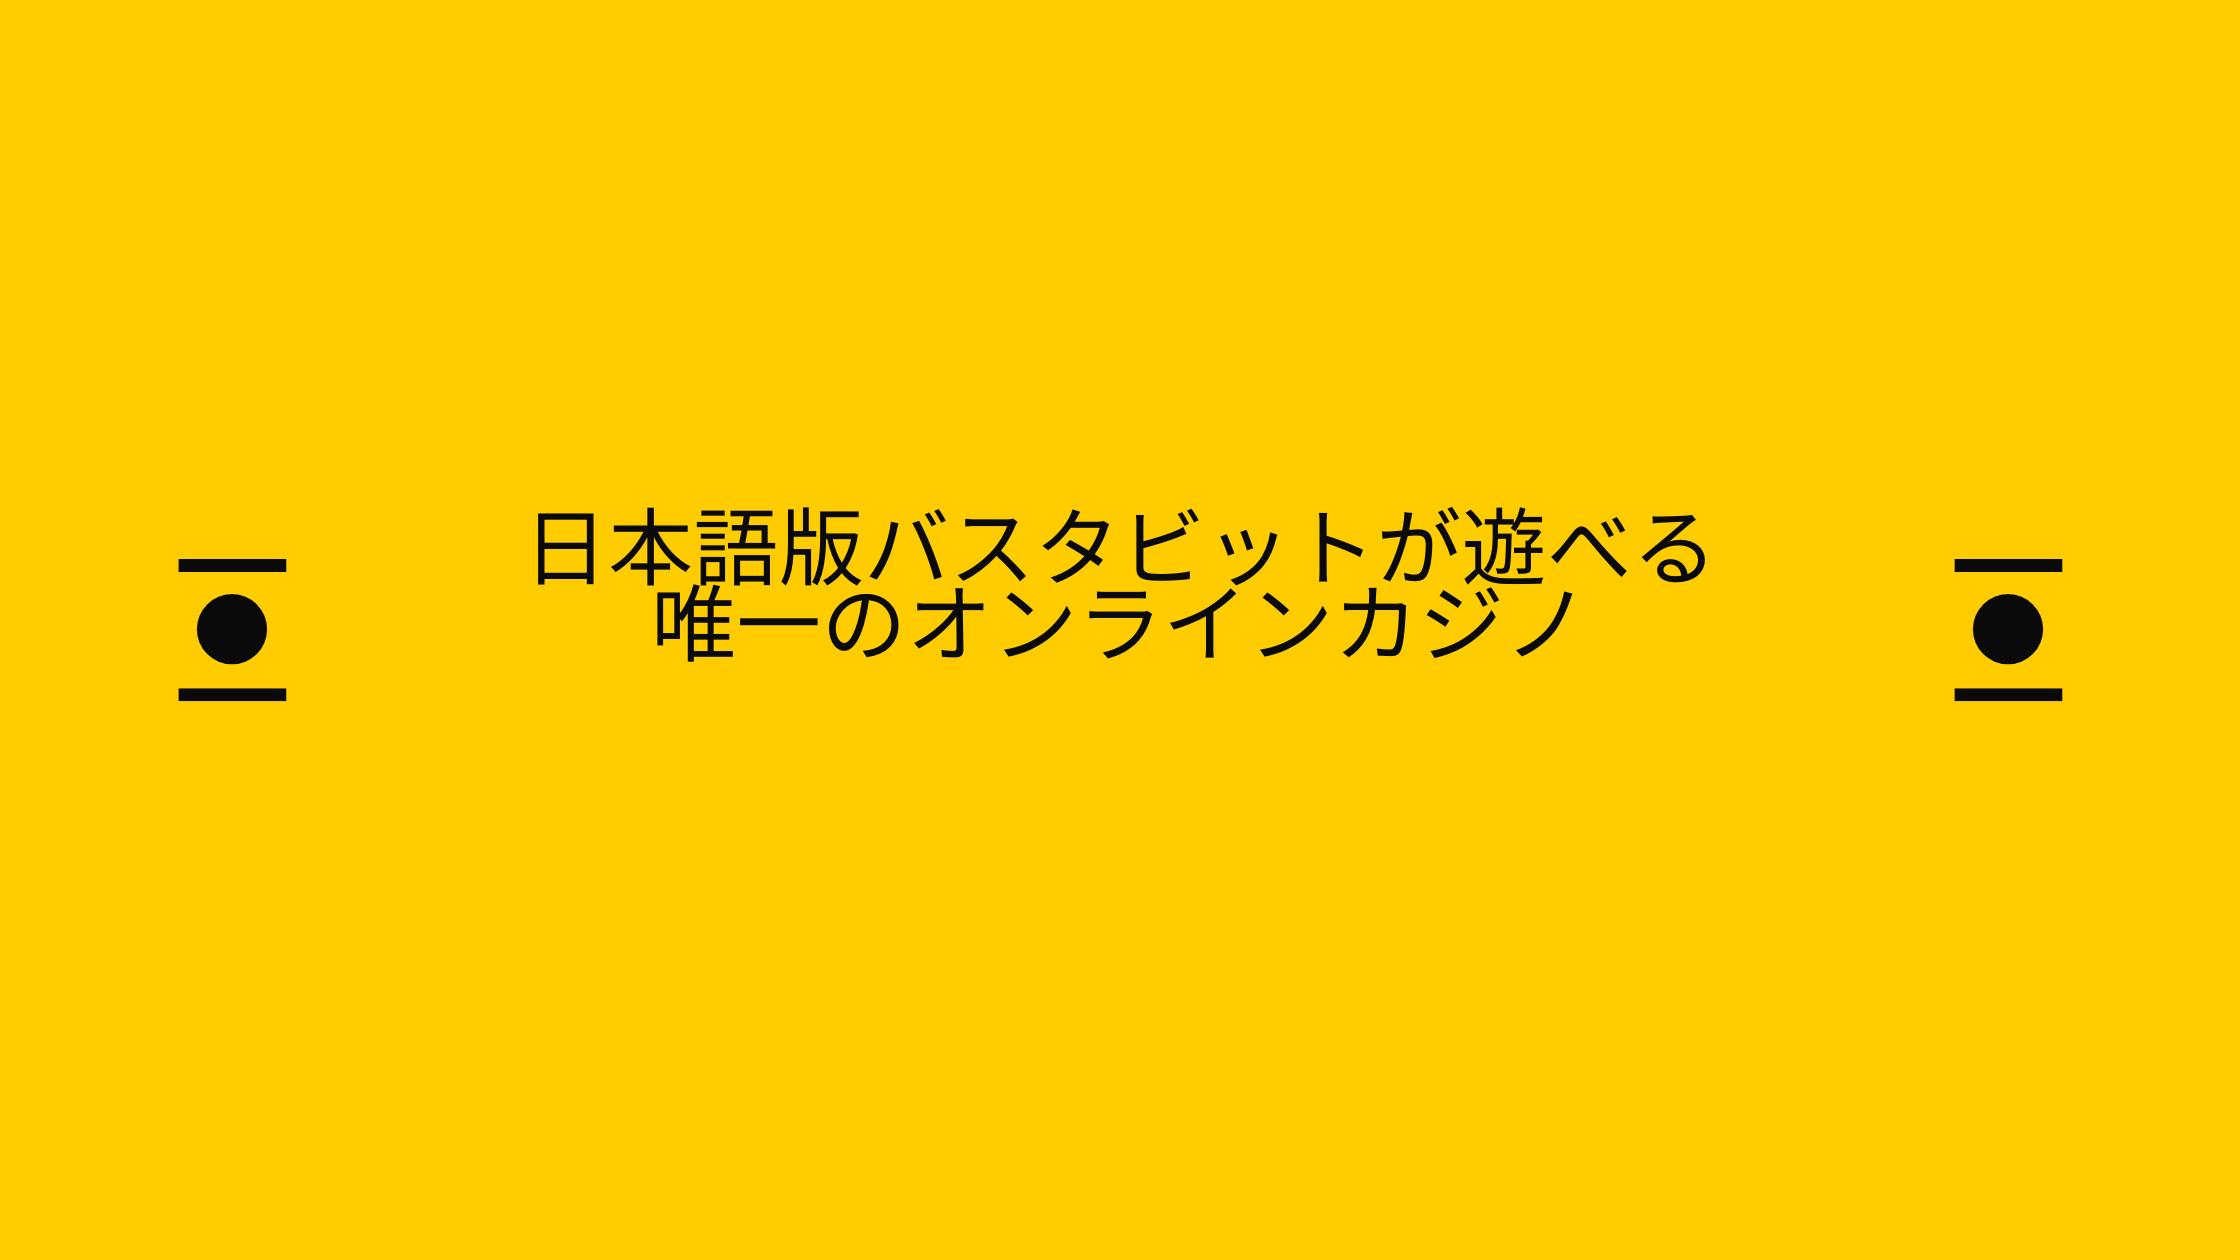 日本語版バスタビットが遊べる 唯一のオンラインカジノ